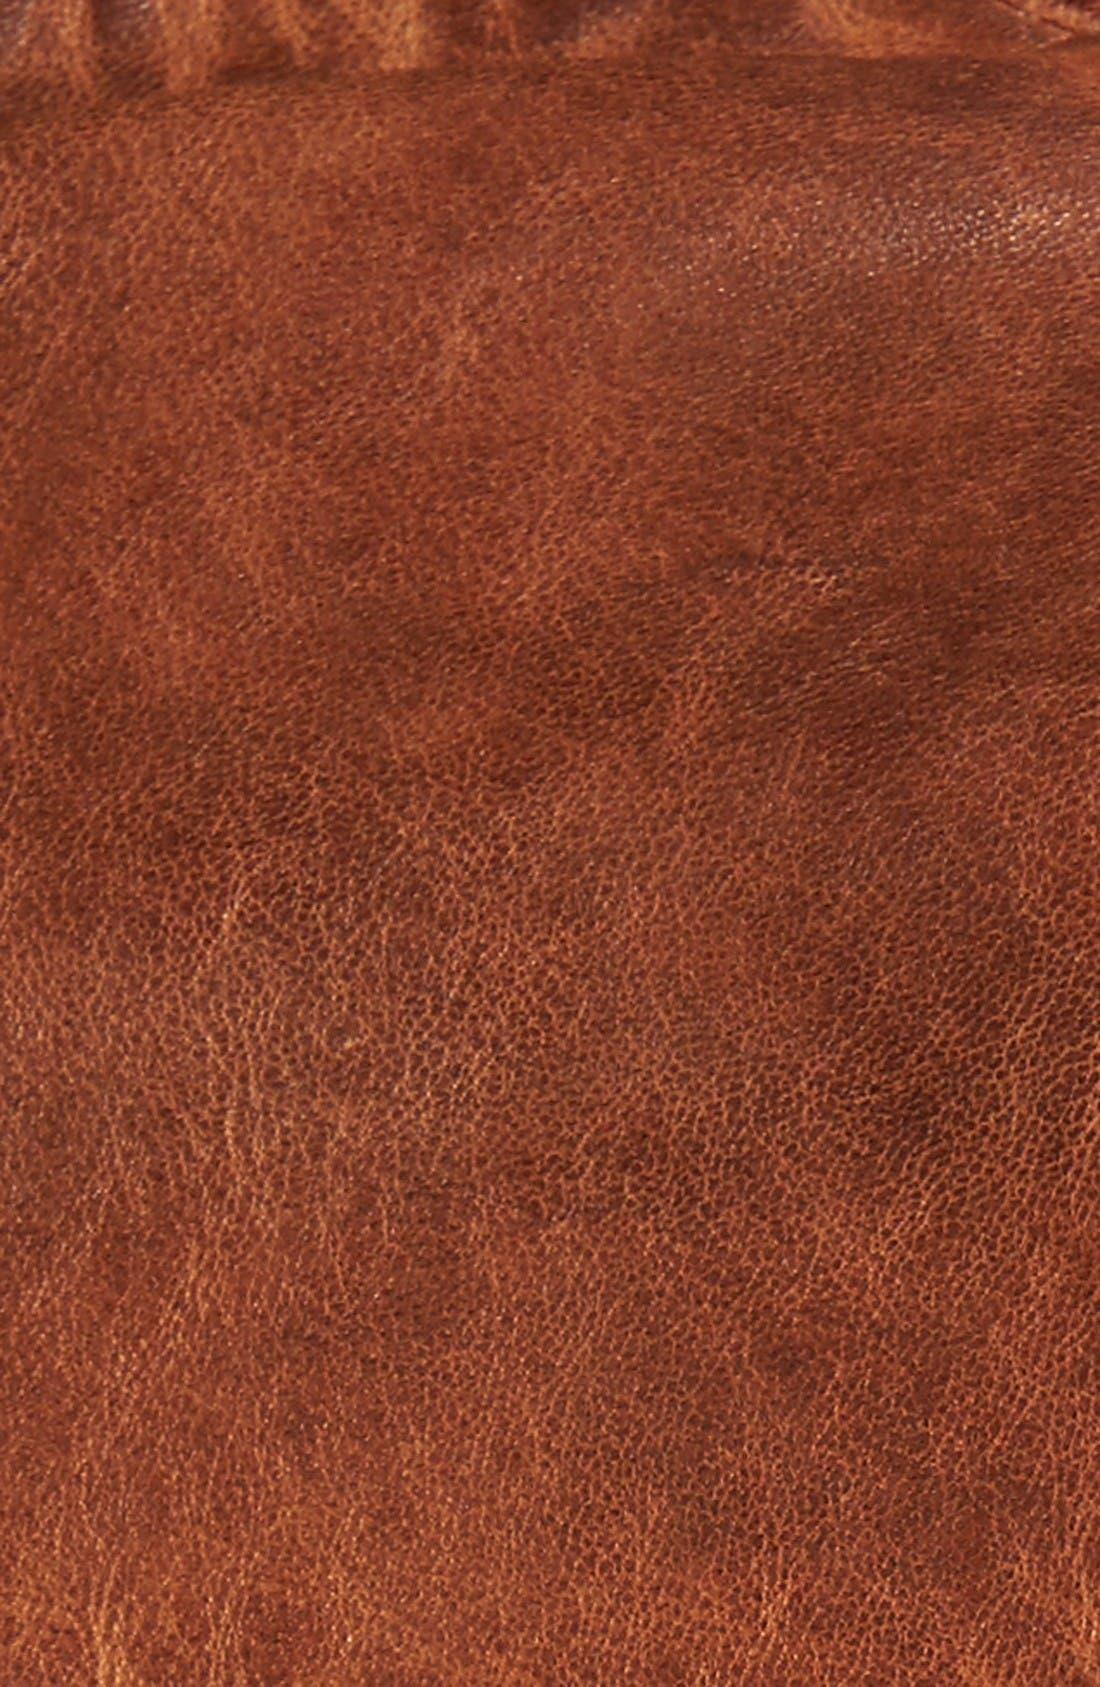 Alternate Image 5  - Missani le Collezioni Washed Lamb Leather Jacket